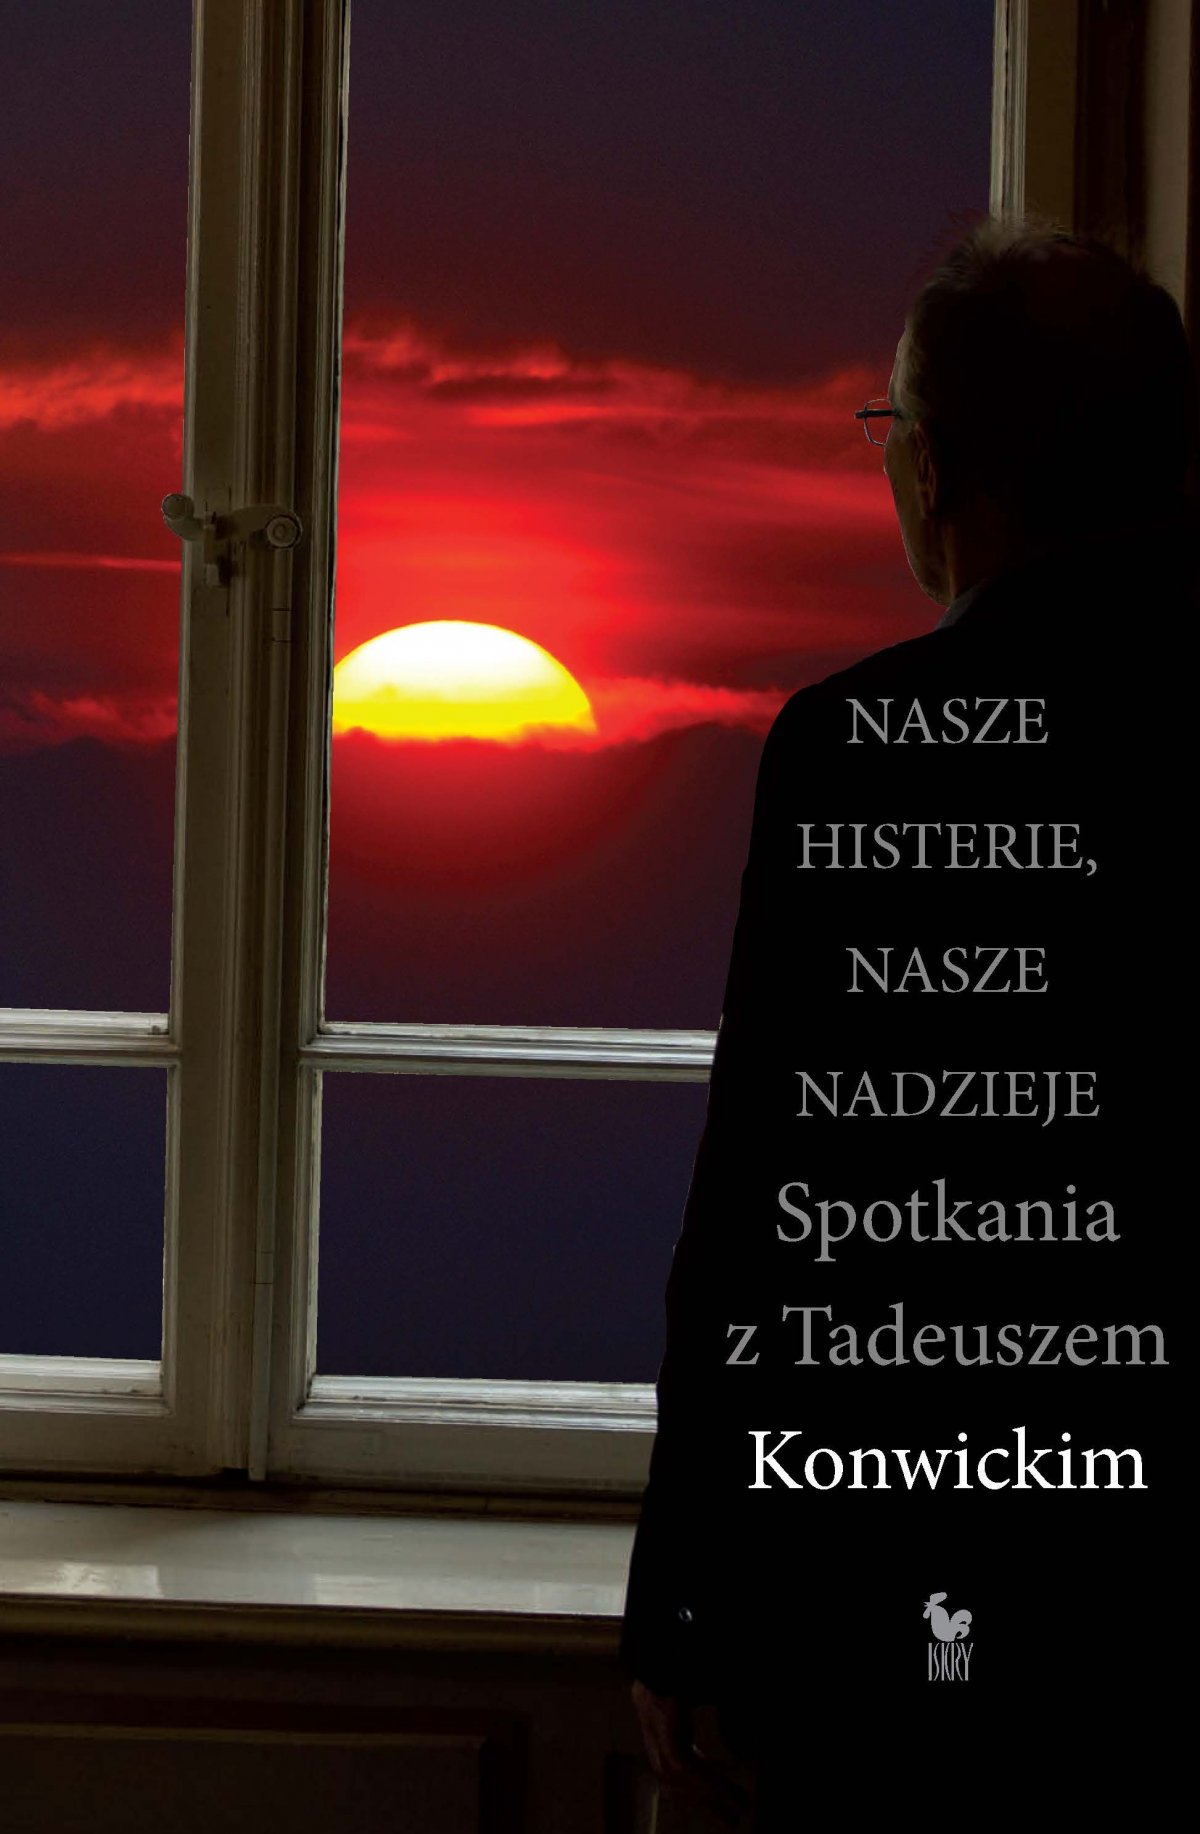 Nasze histerie, nasze nadzieje. Spotkania z Tadeuszem Konwickim - Ebook (Książka na Kindle) do pobrania w formacie MOBI